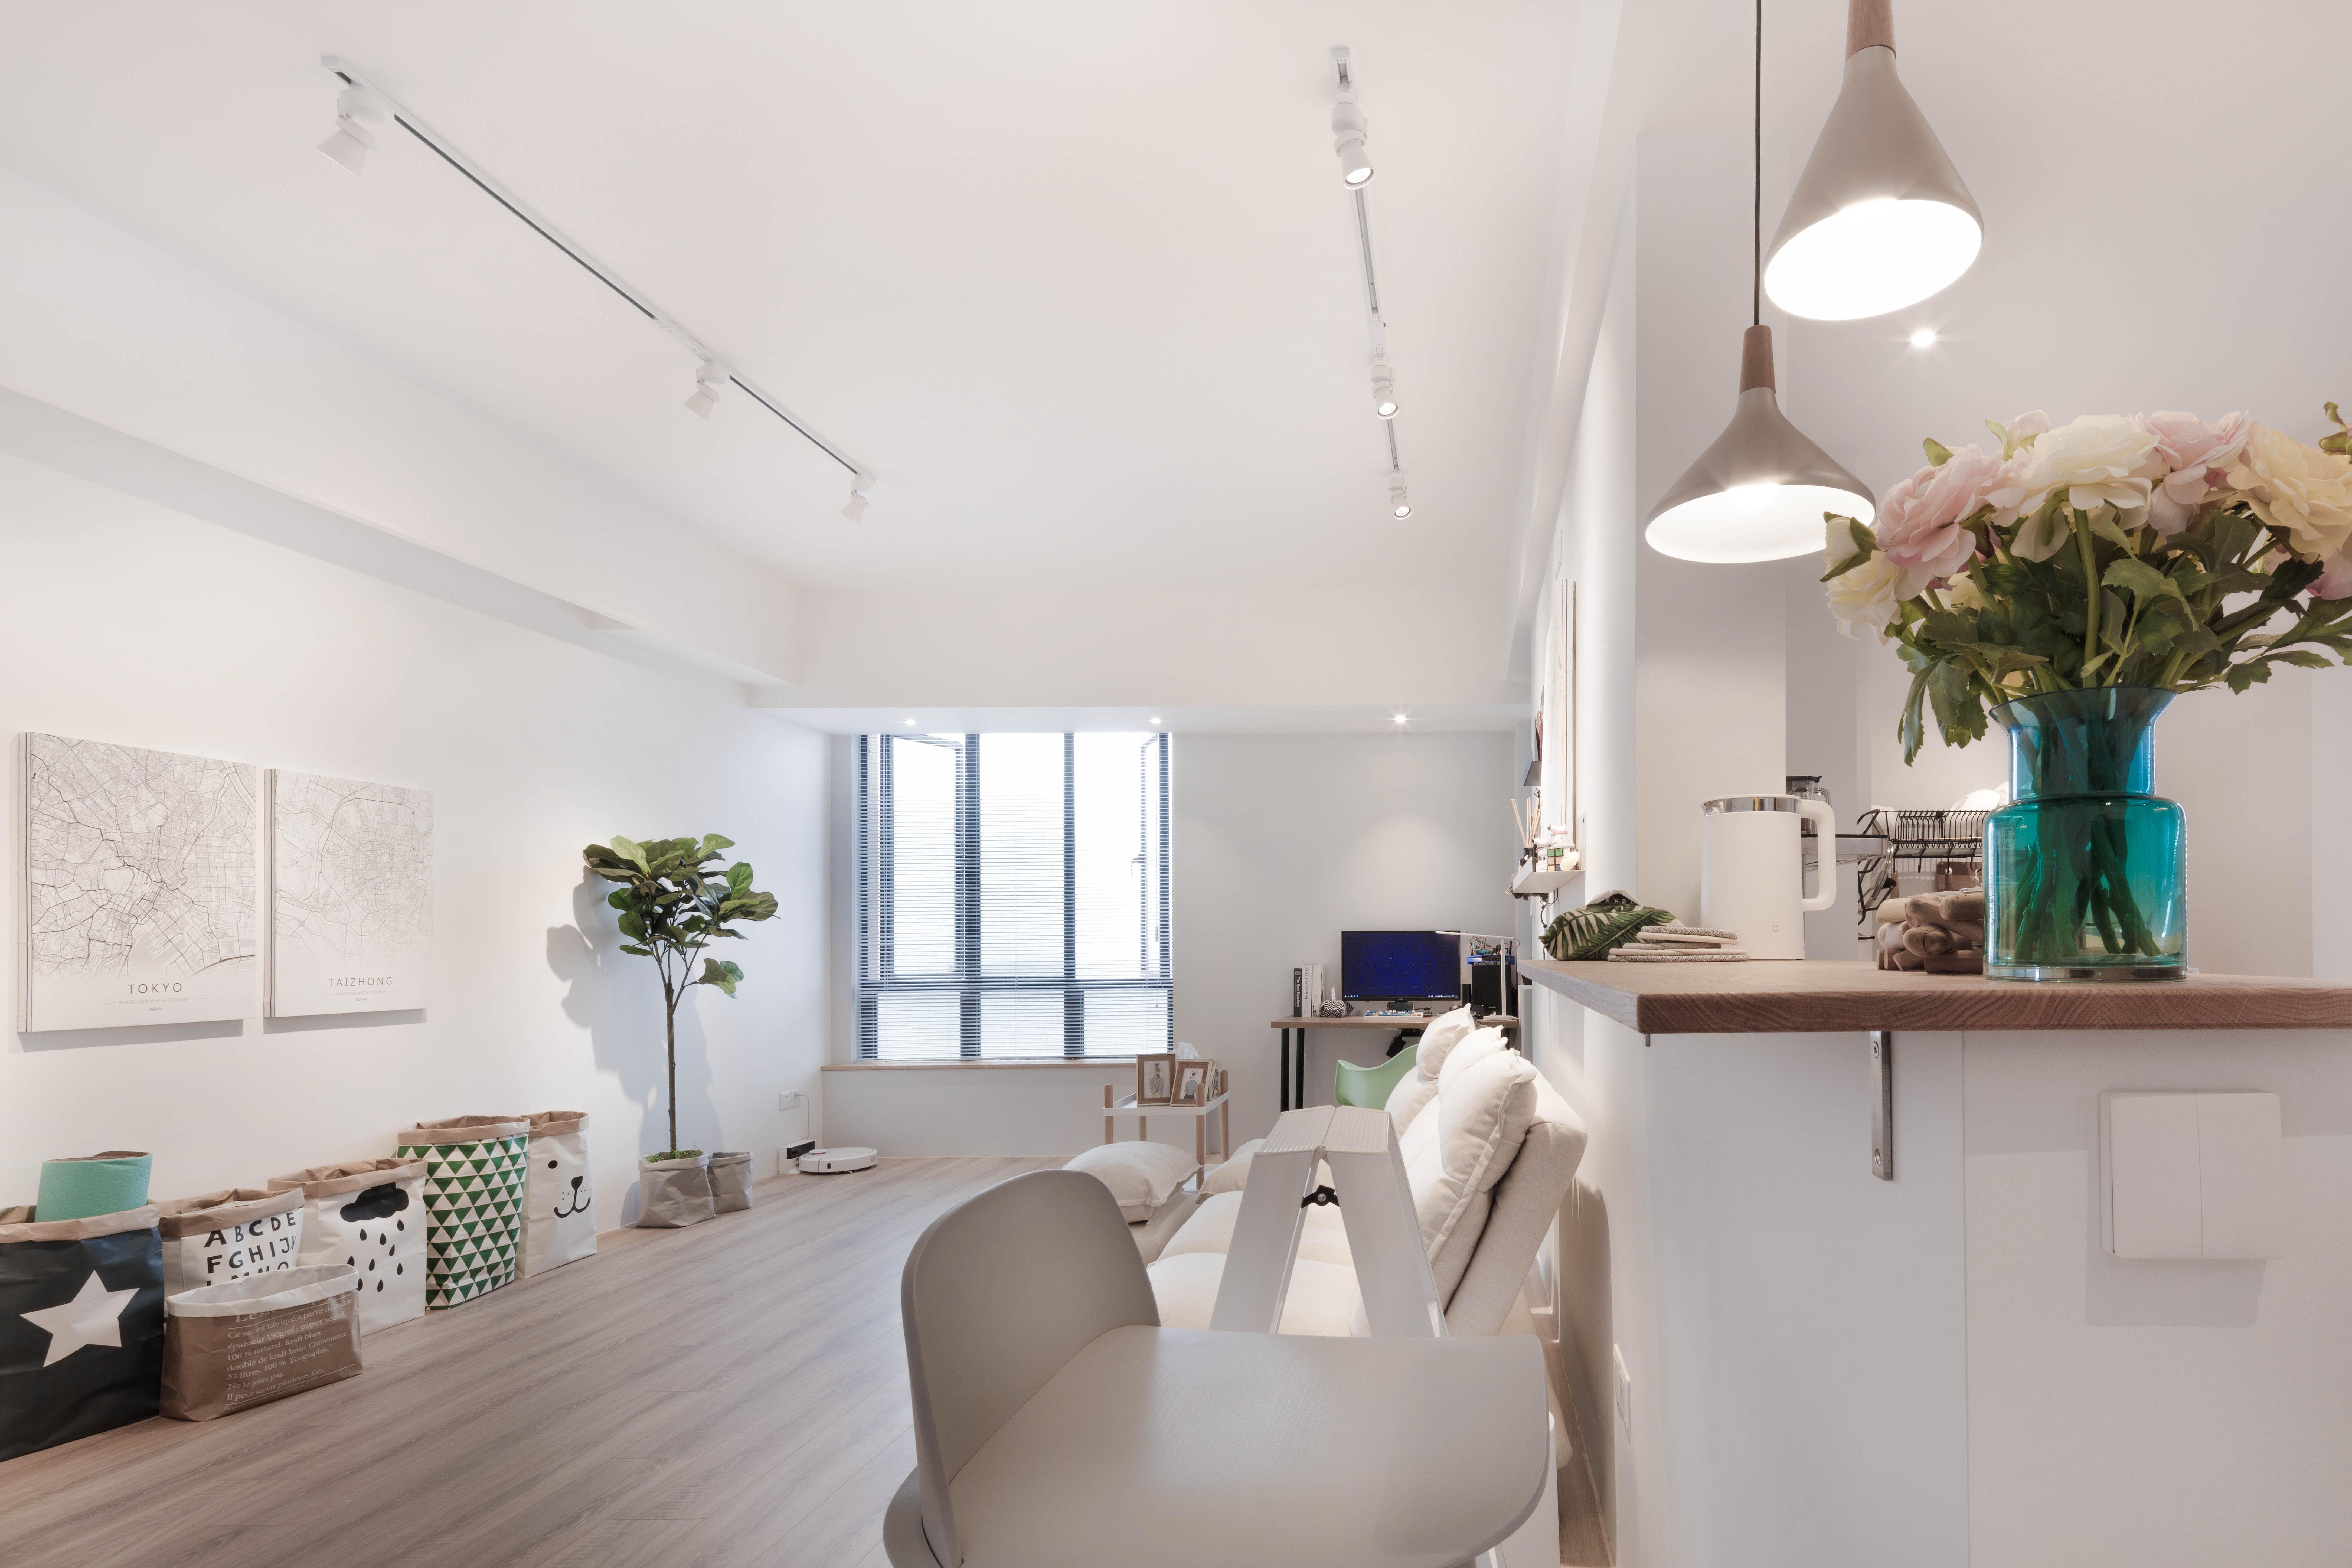 简约风格实用客厅设计图